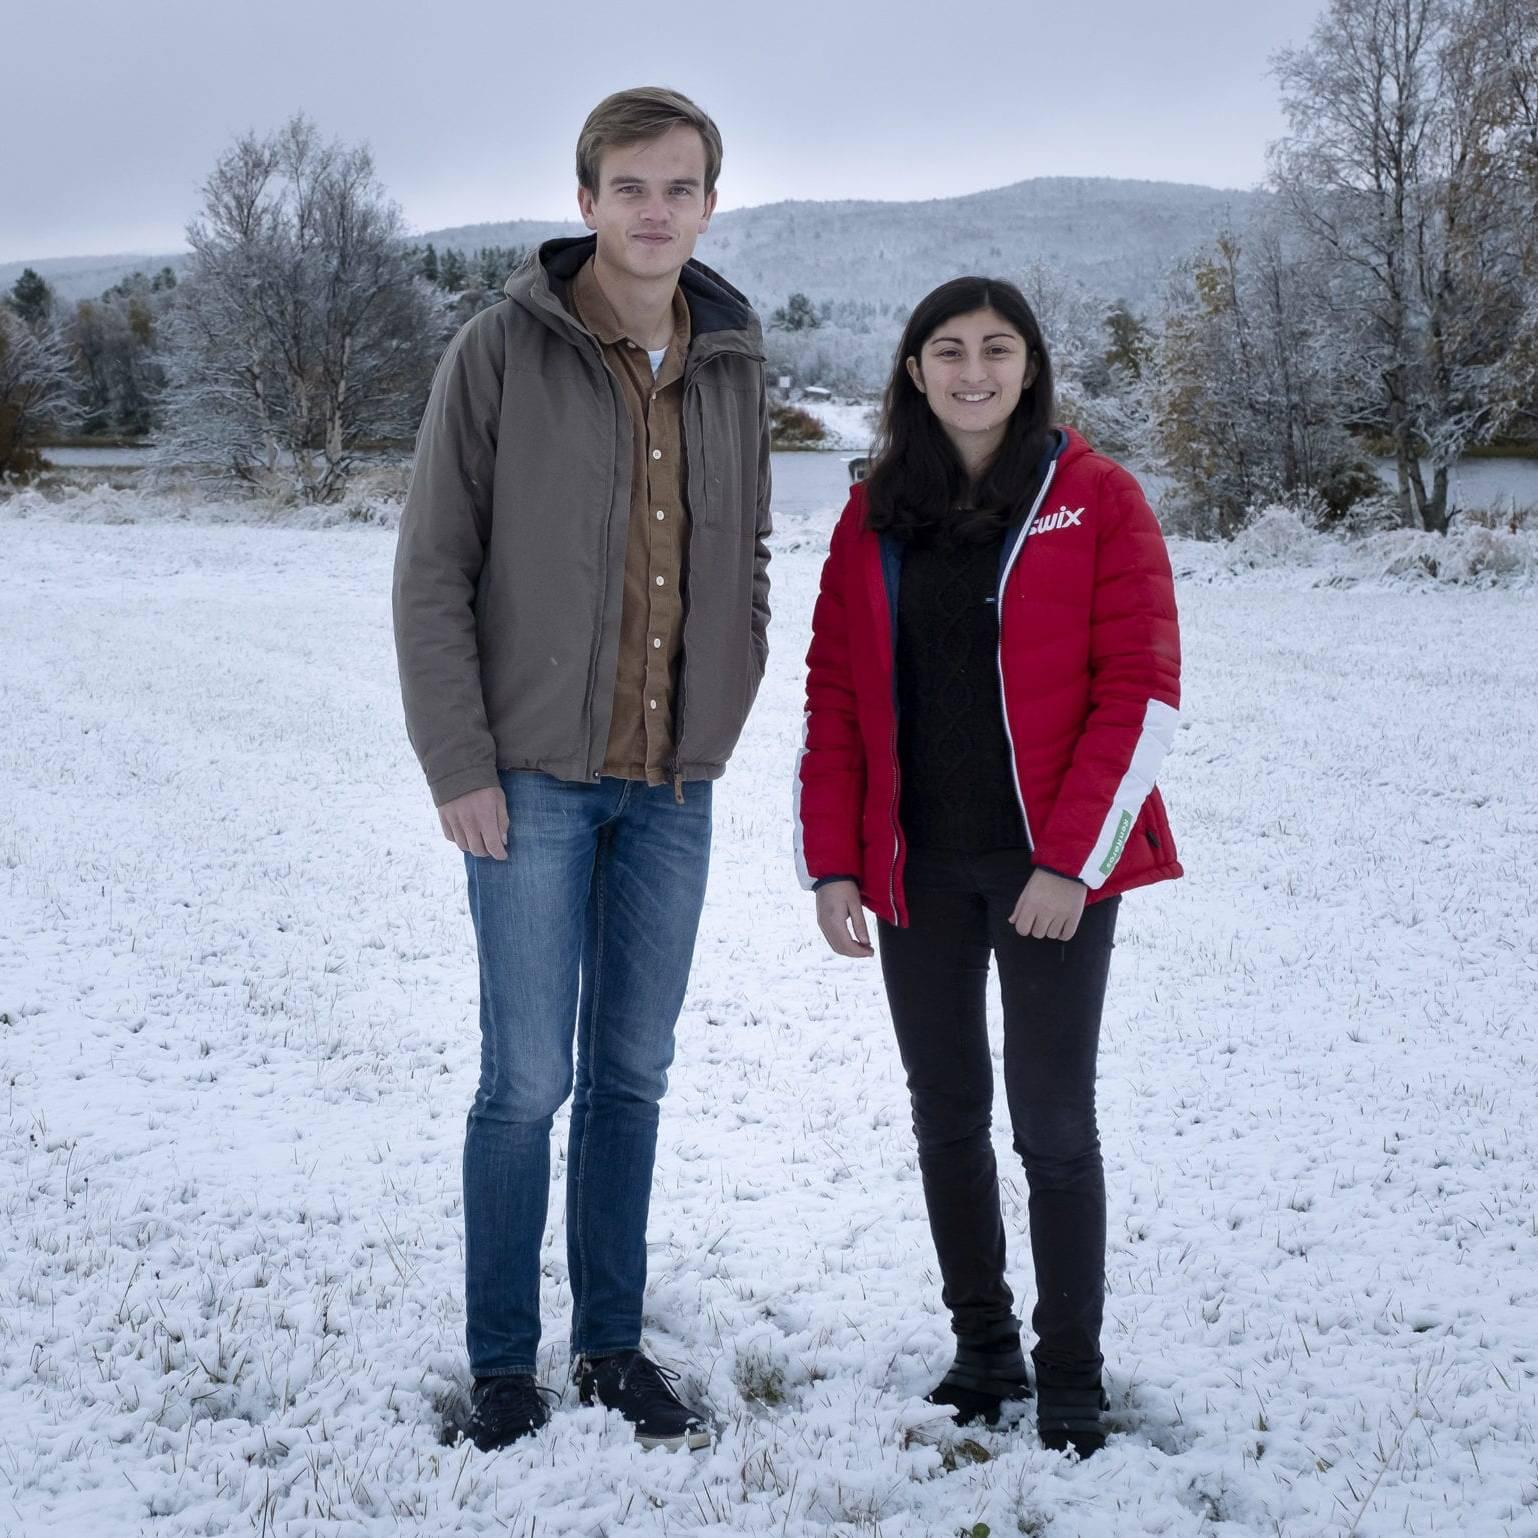 Esten og Laure. Foto: